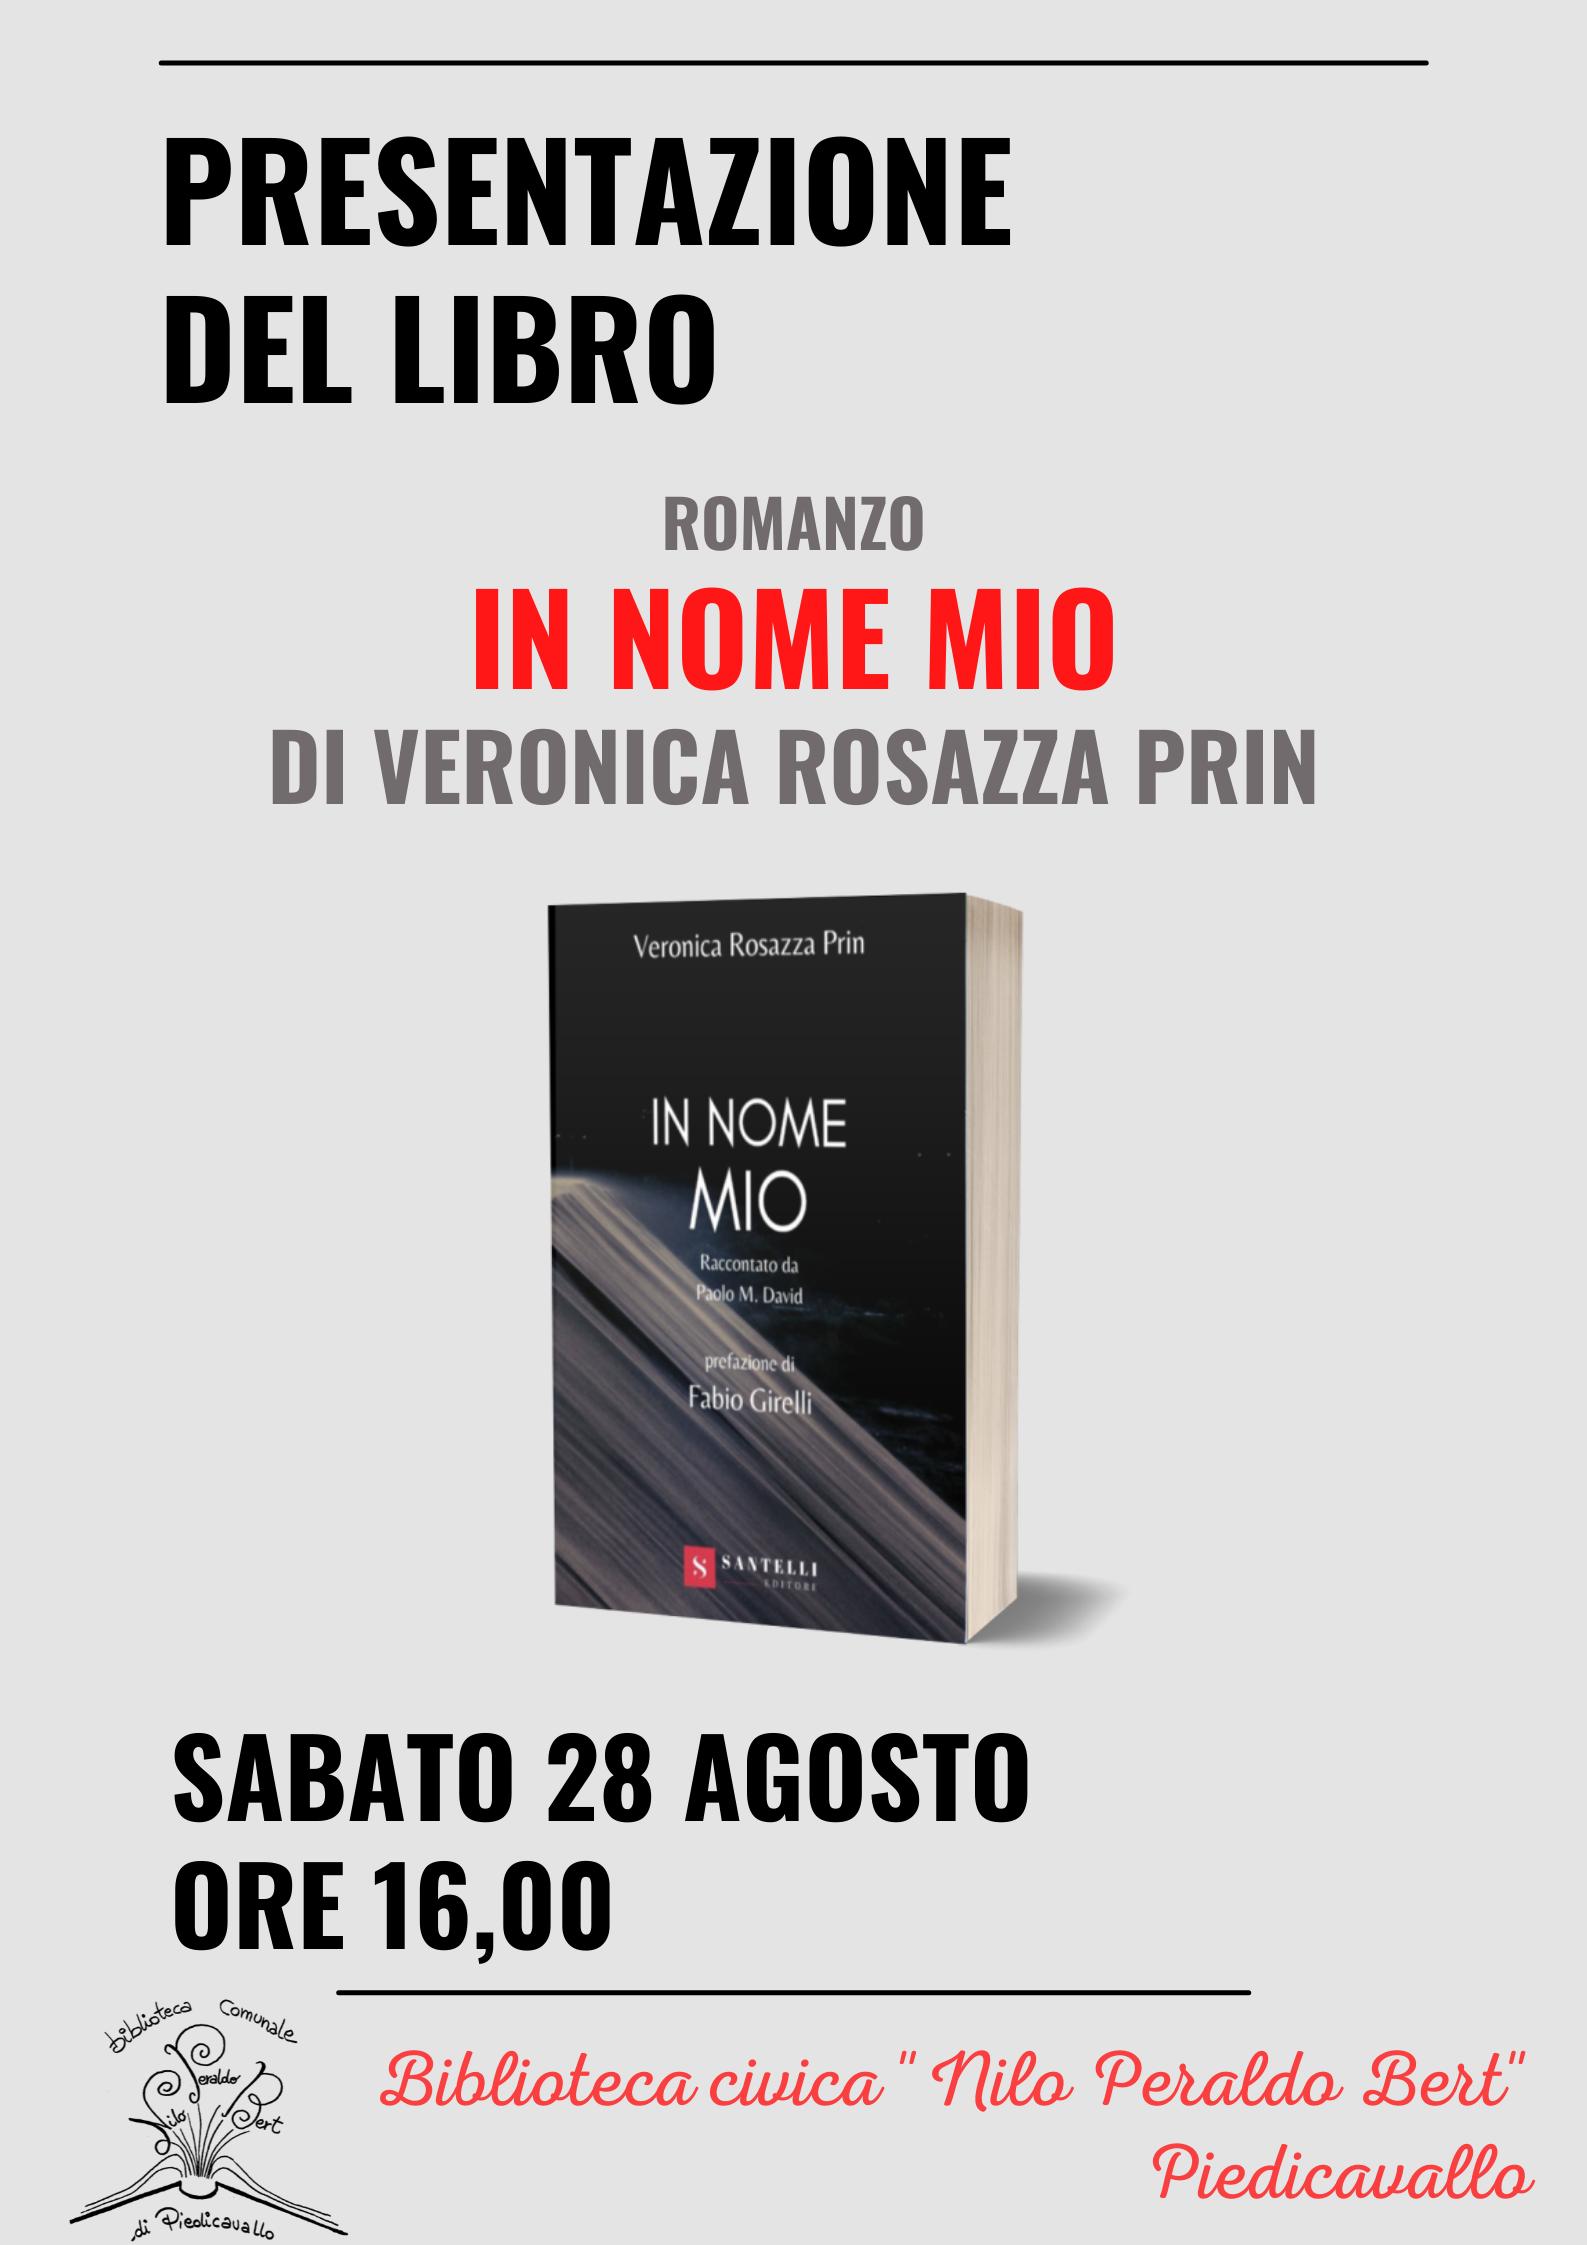 """L'autrice biellese Veronica Rosazza Prin presenterà il suo romanzo """"In nome mio"""", edito da Santelli editore, a Piedicavallo, borgo turistico montano in provincia di Biella."""